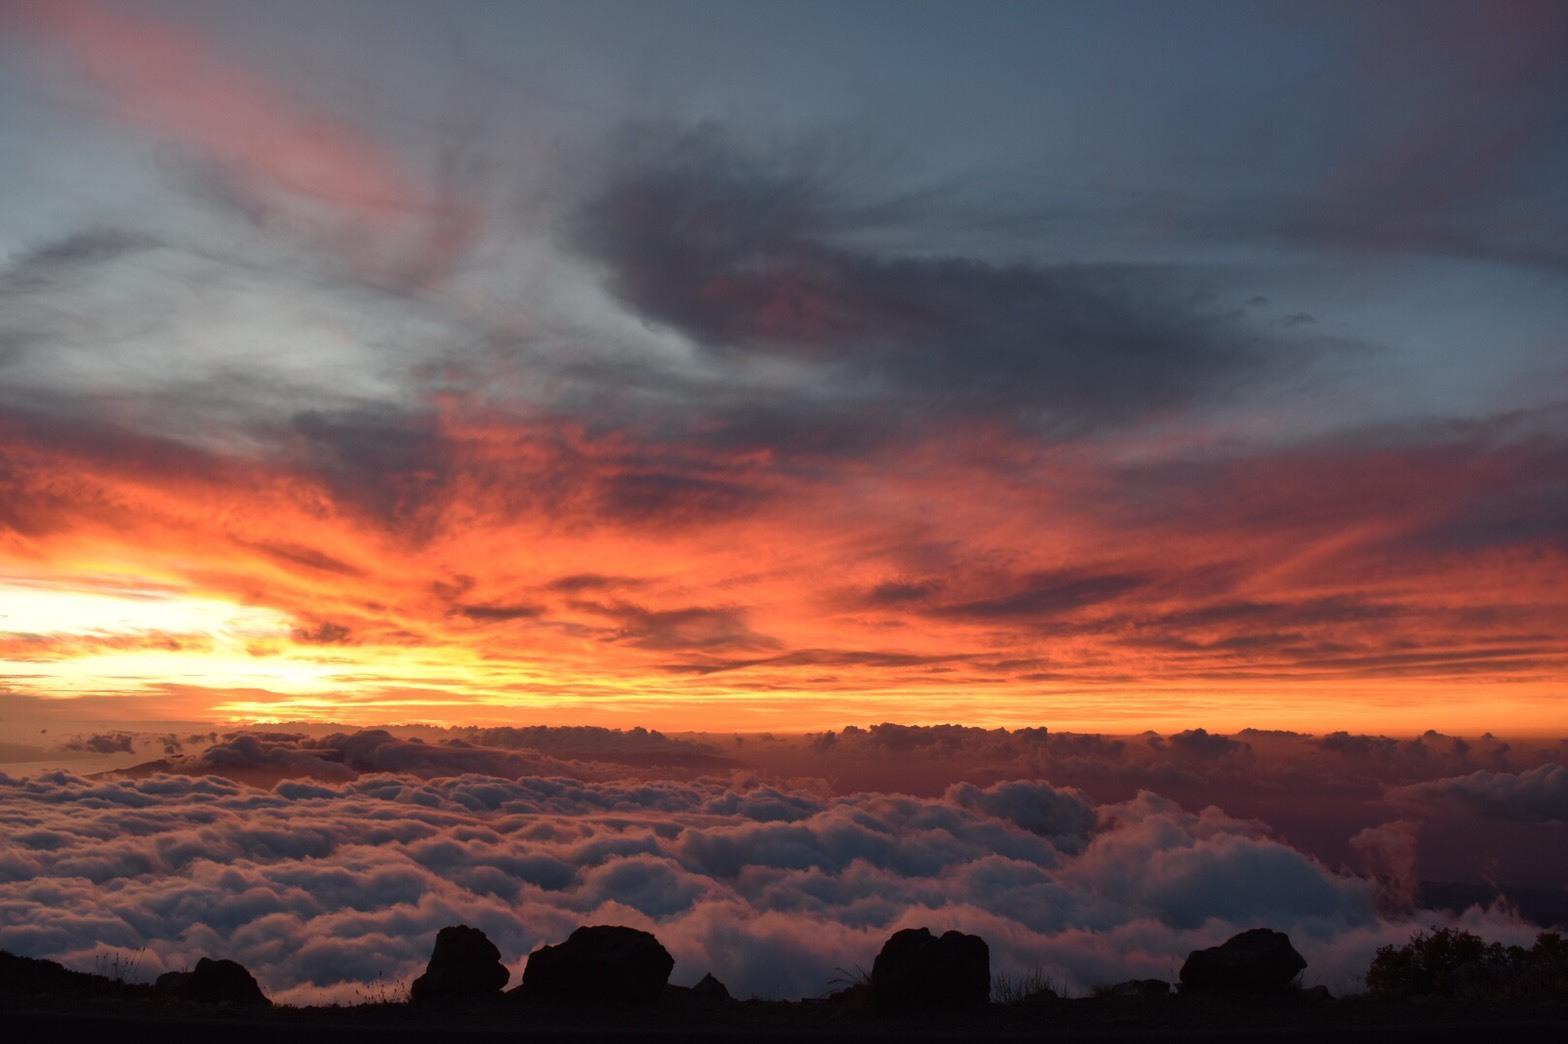 雲の上の世界、常夏のハワイとは思えない場所でした。 高山病の心配はありましたが、ガイドの方が親切で心配しなく大丈夫でした。素晴らしい体験でした。